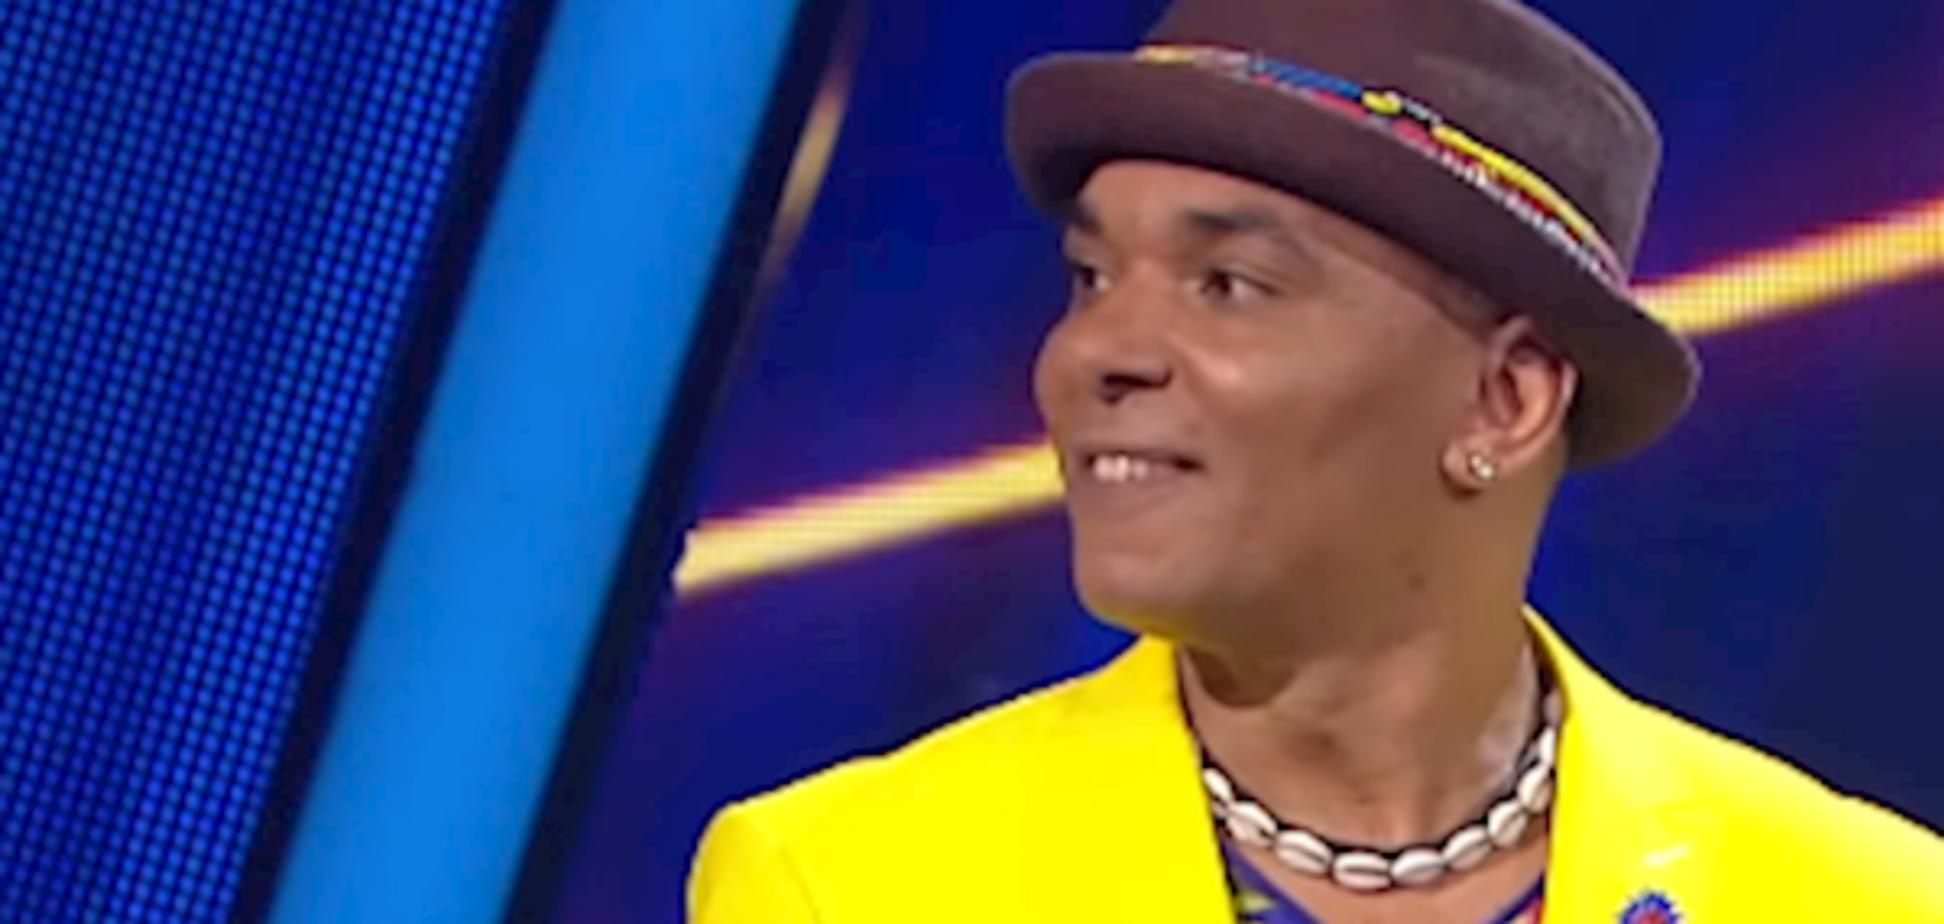 'Евровидение-2018': лидер группы 'The ВЙО' объяснил скандал в эфире Нацотбора